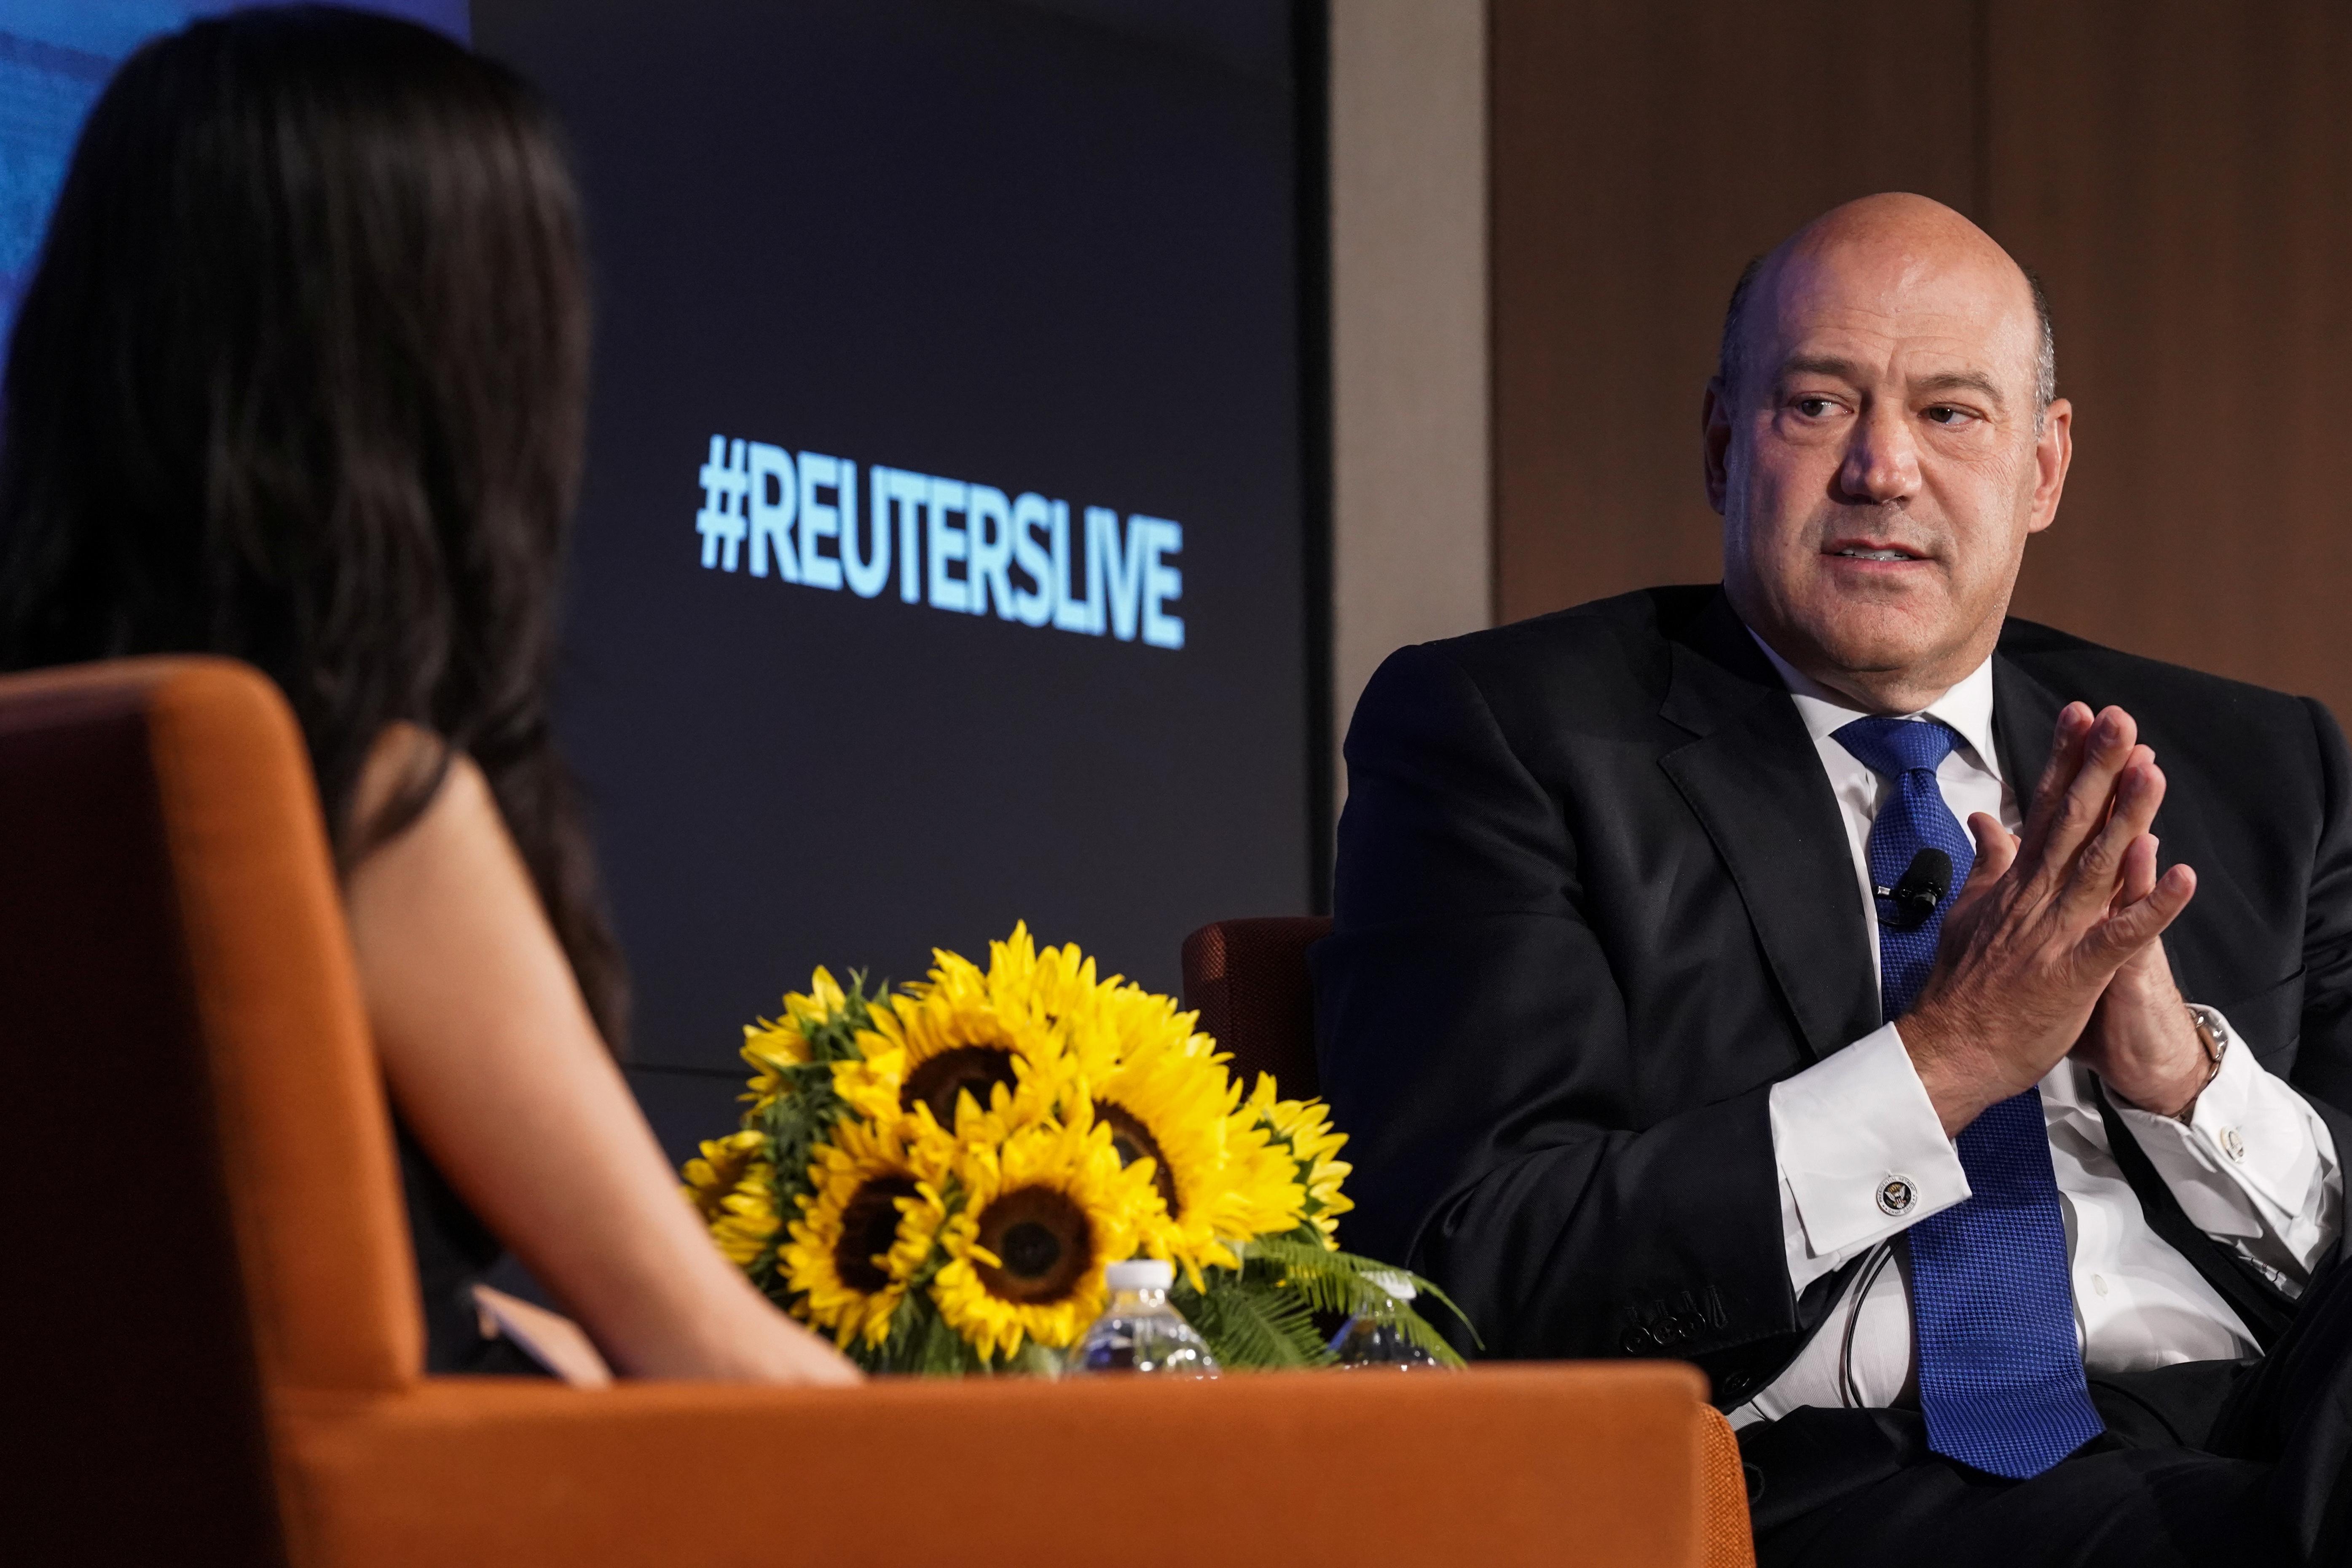 Breakingviews TV: Cohn's choice